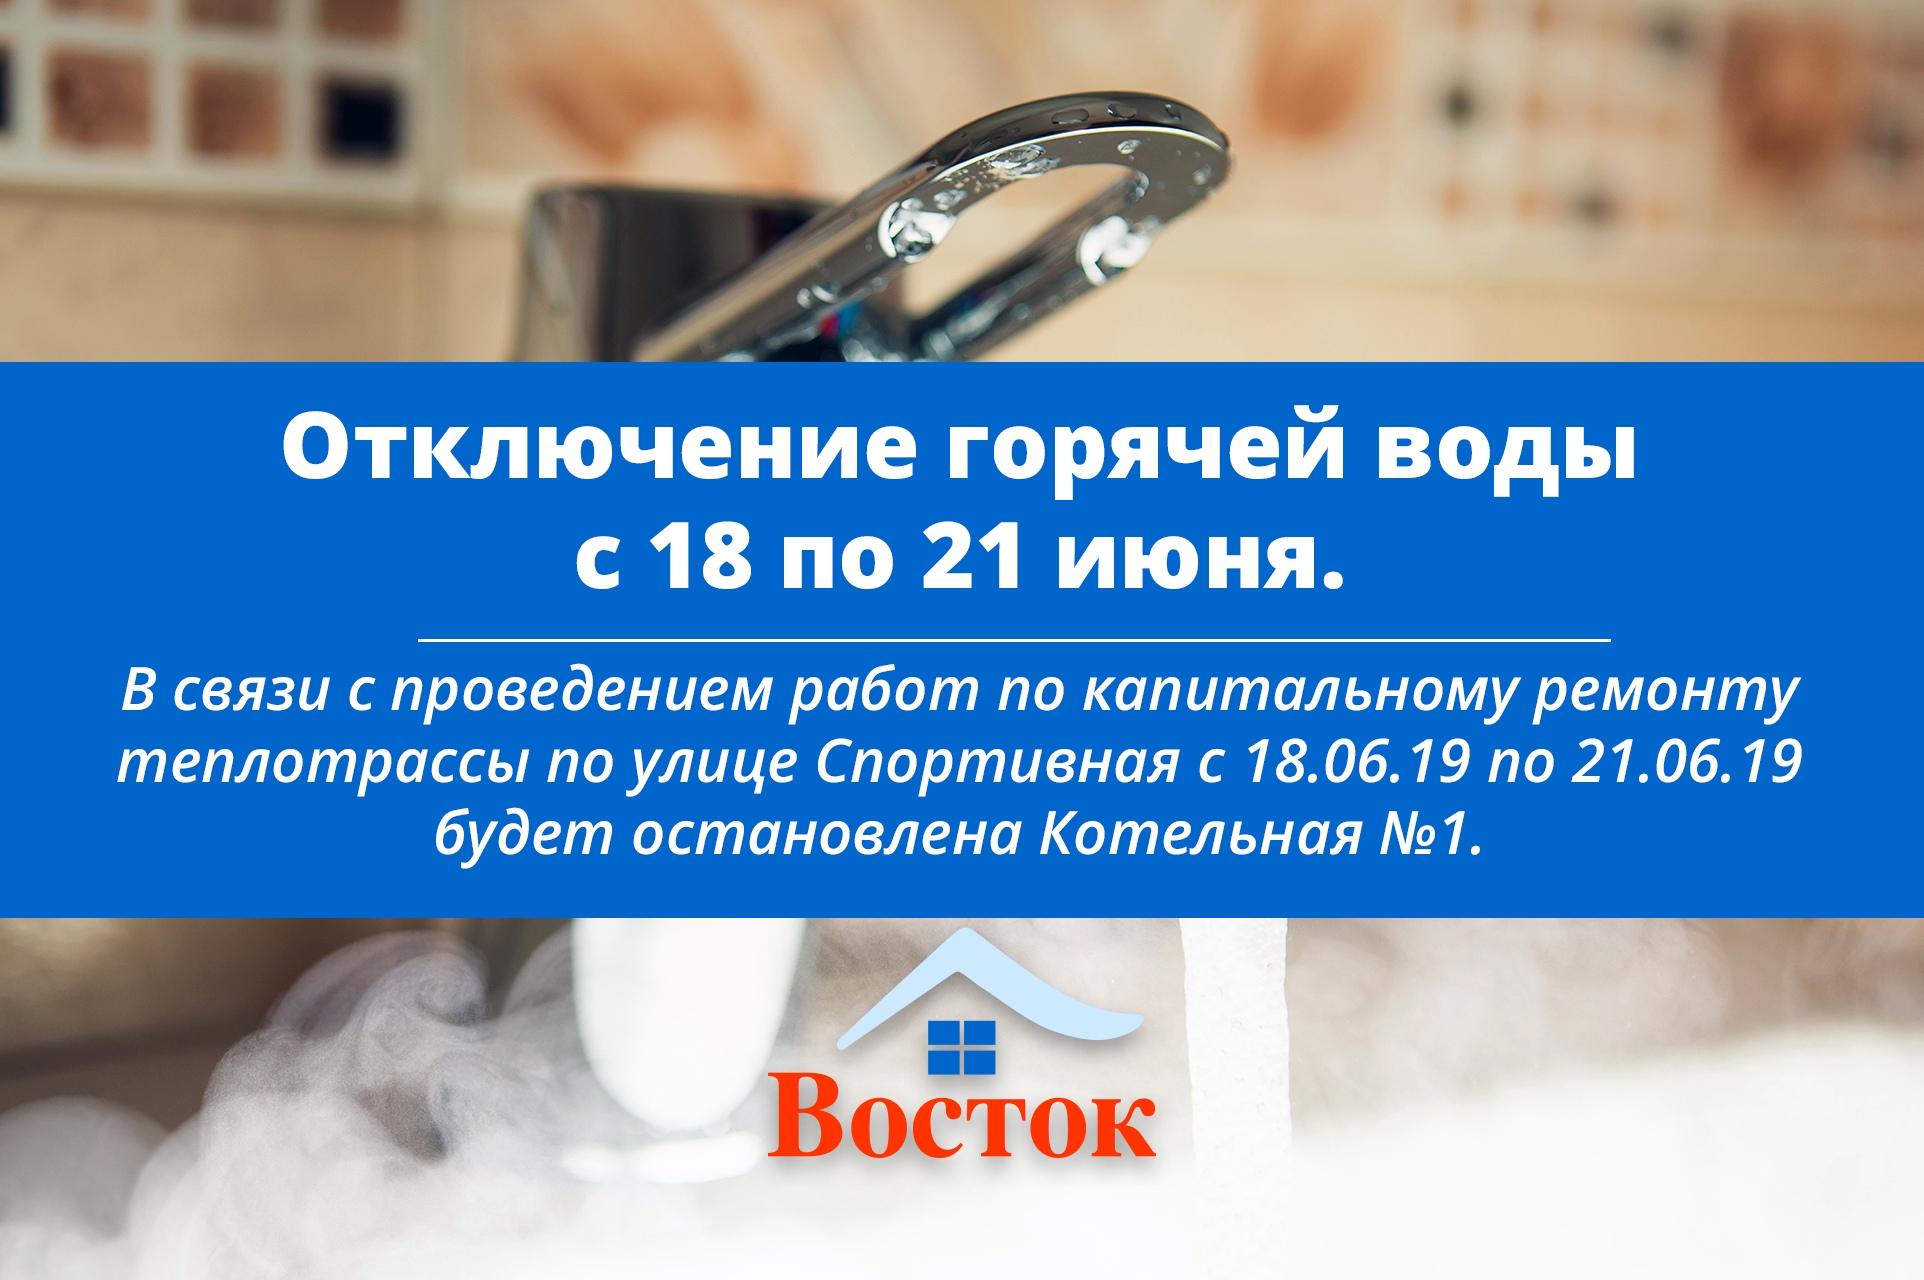 Отключение горячей воды с 18 по 21 июня в связи с ремонтом на трубопроводе